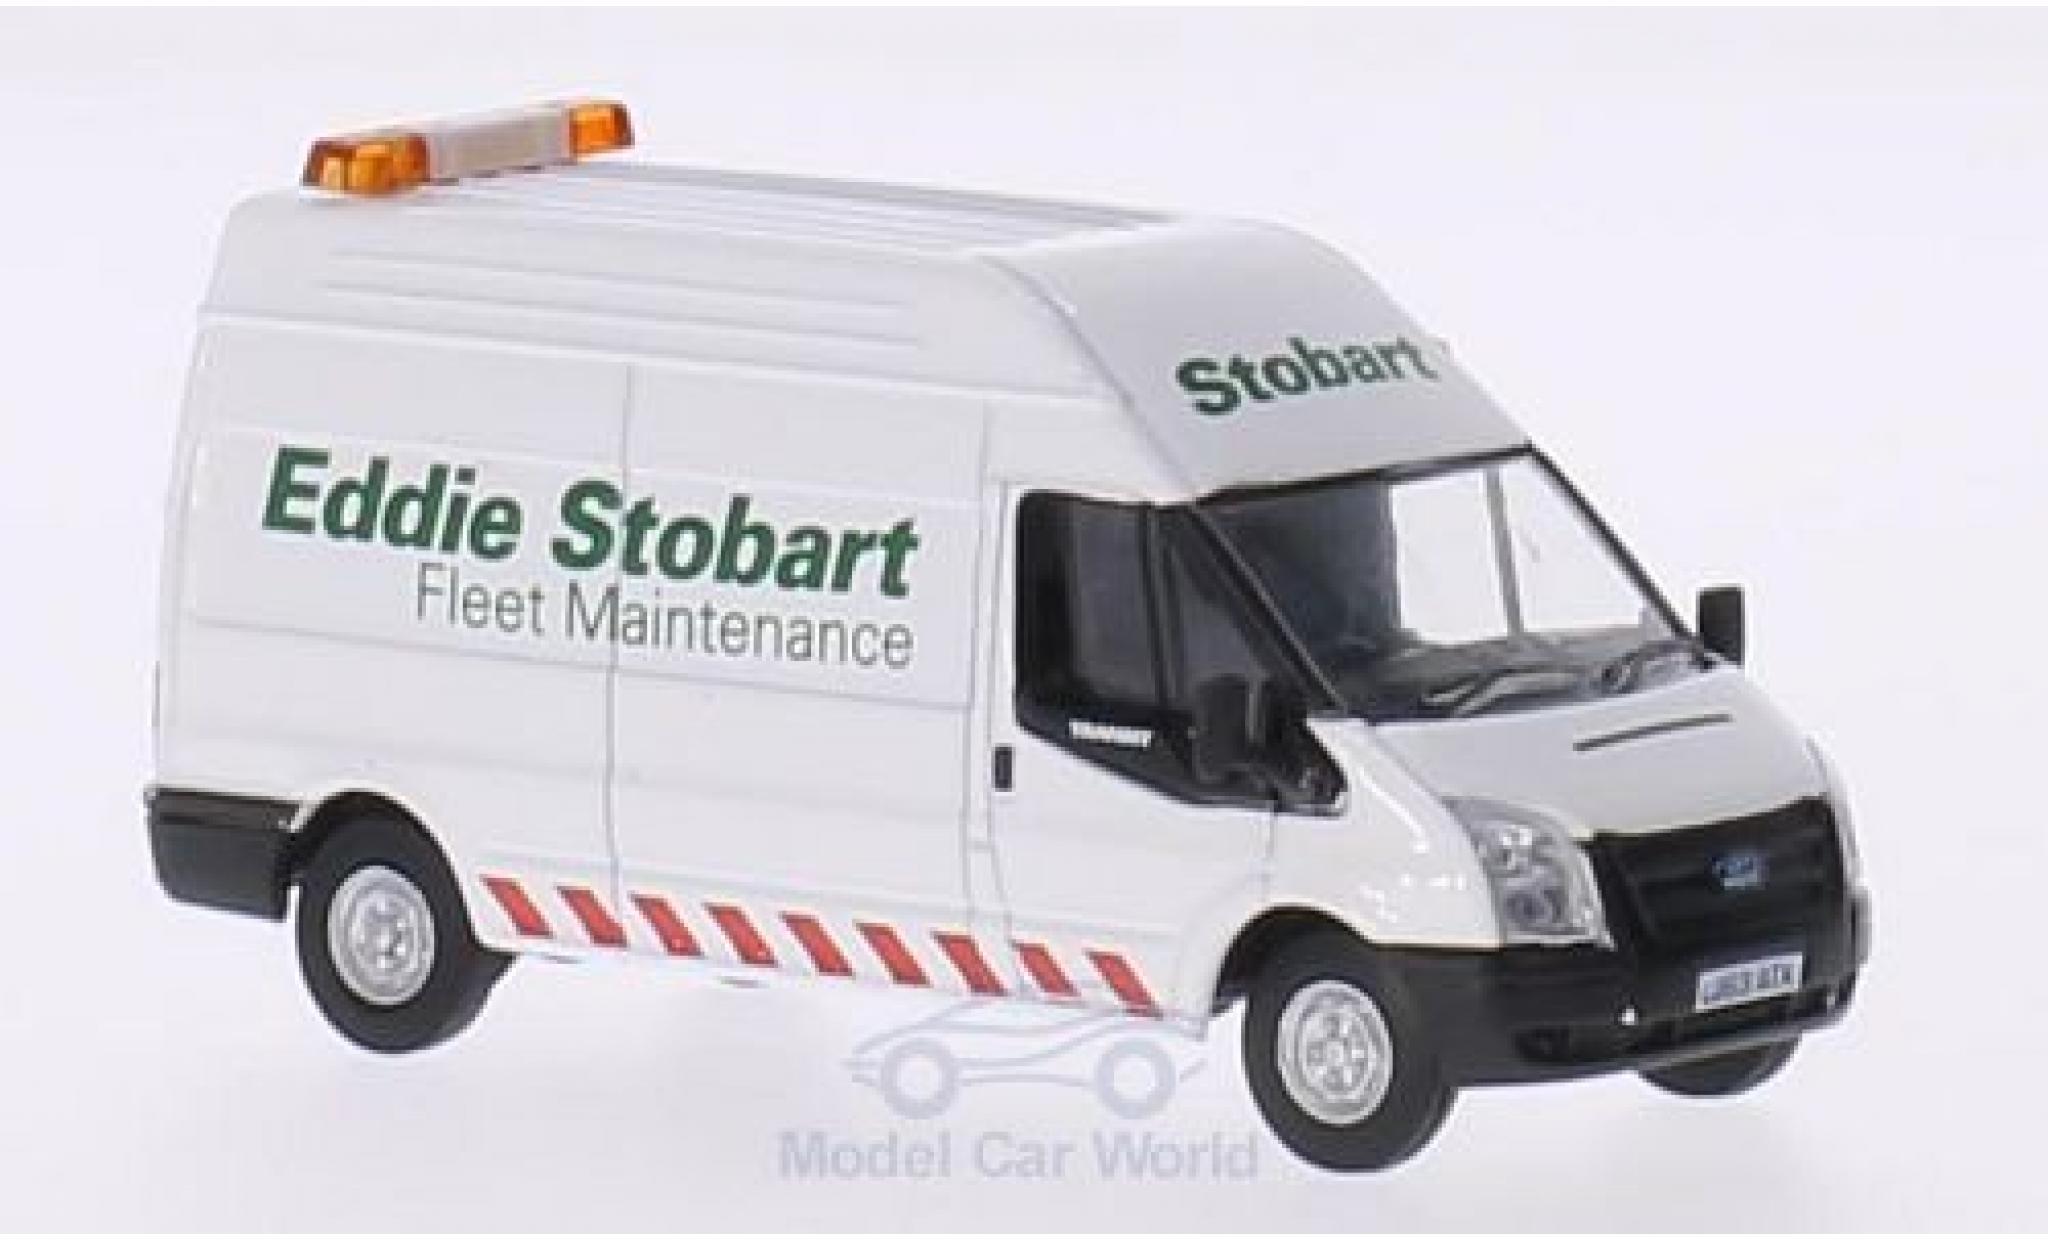 Ford Transit 1/76 Oxford RHD Eddie Stobart Fleet Maintenance LWB High